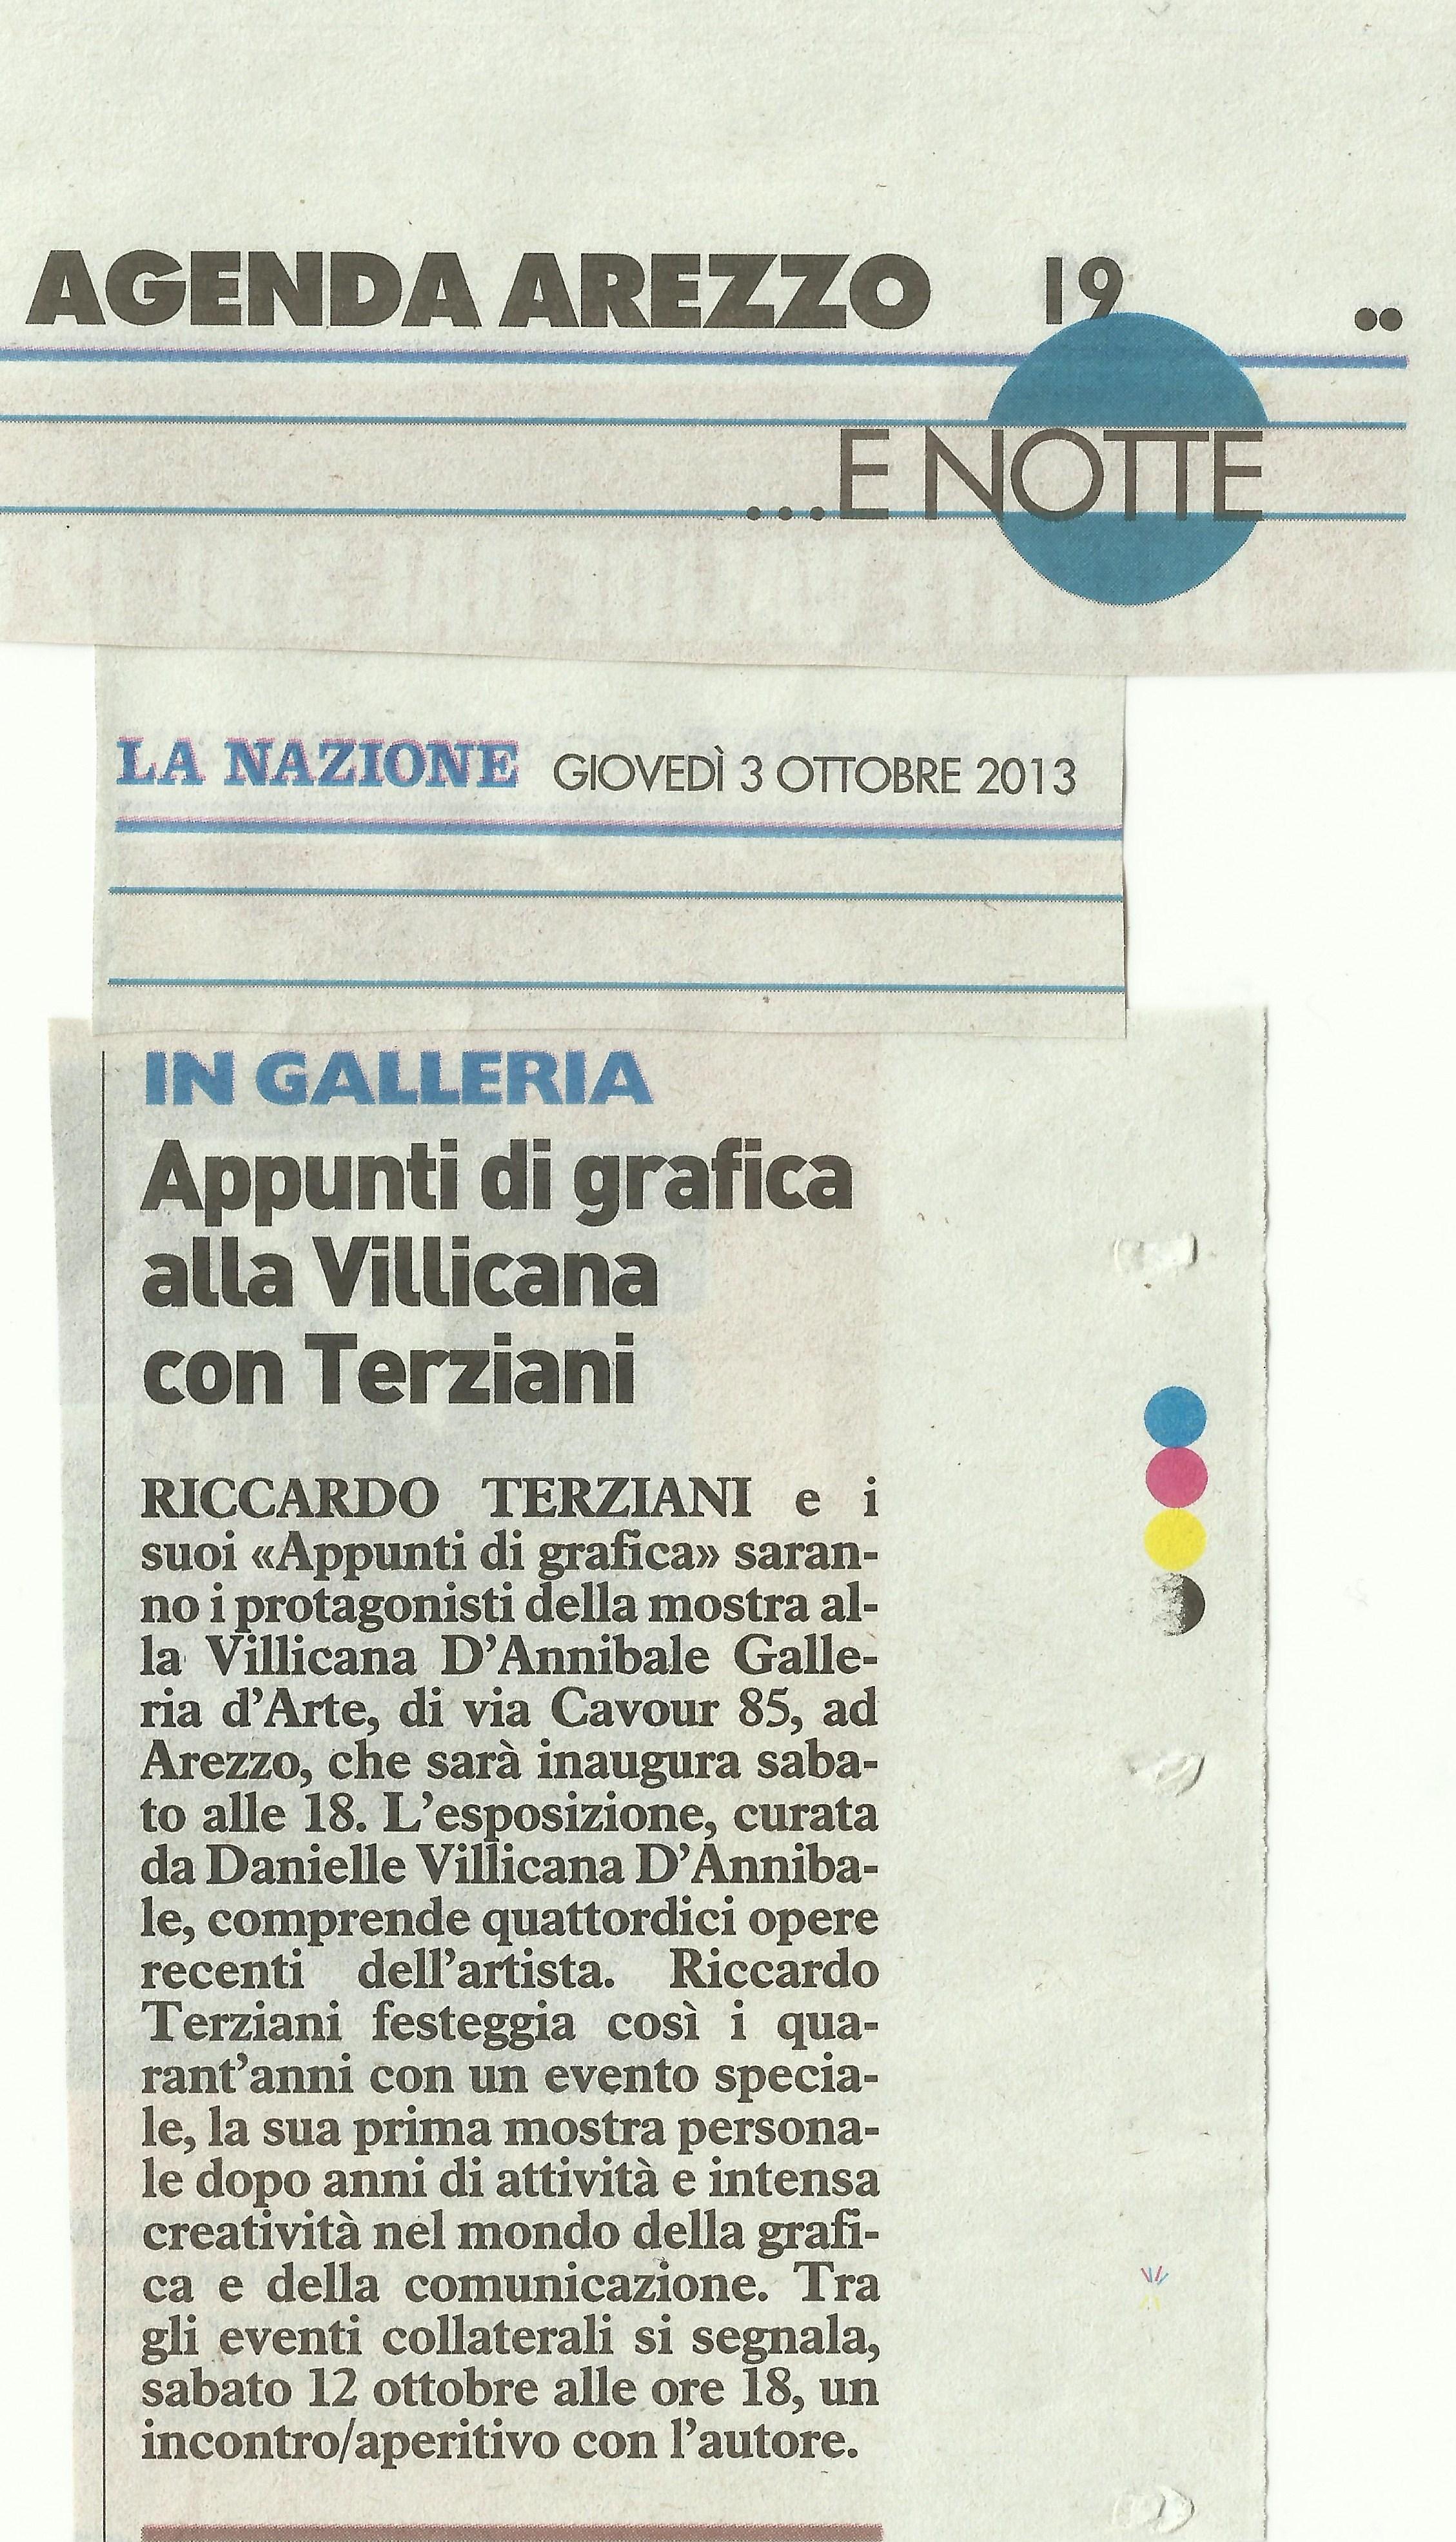 LA NAZIONE: Riccardo Terziani